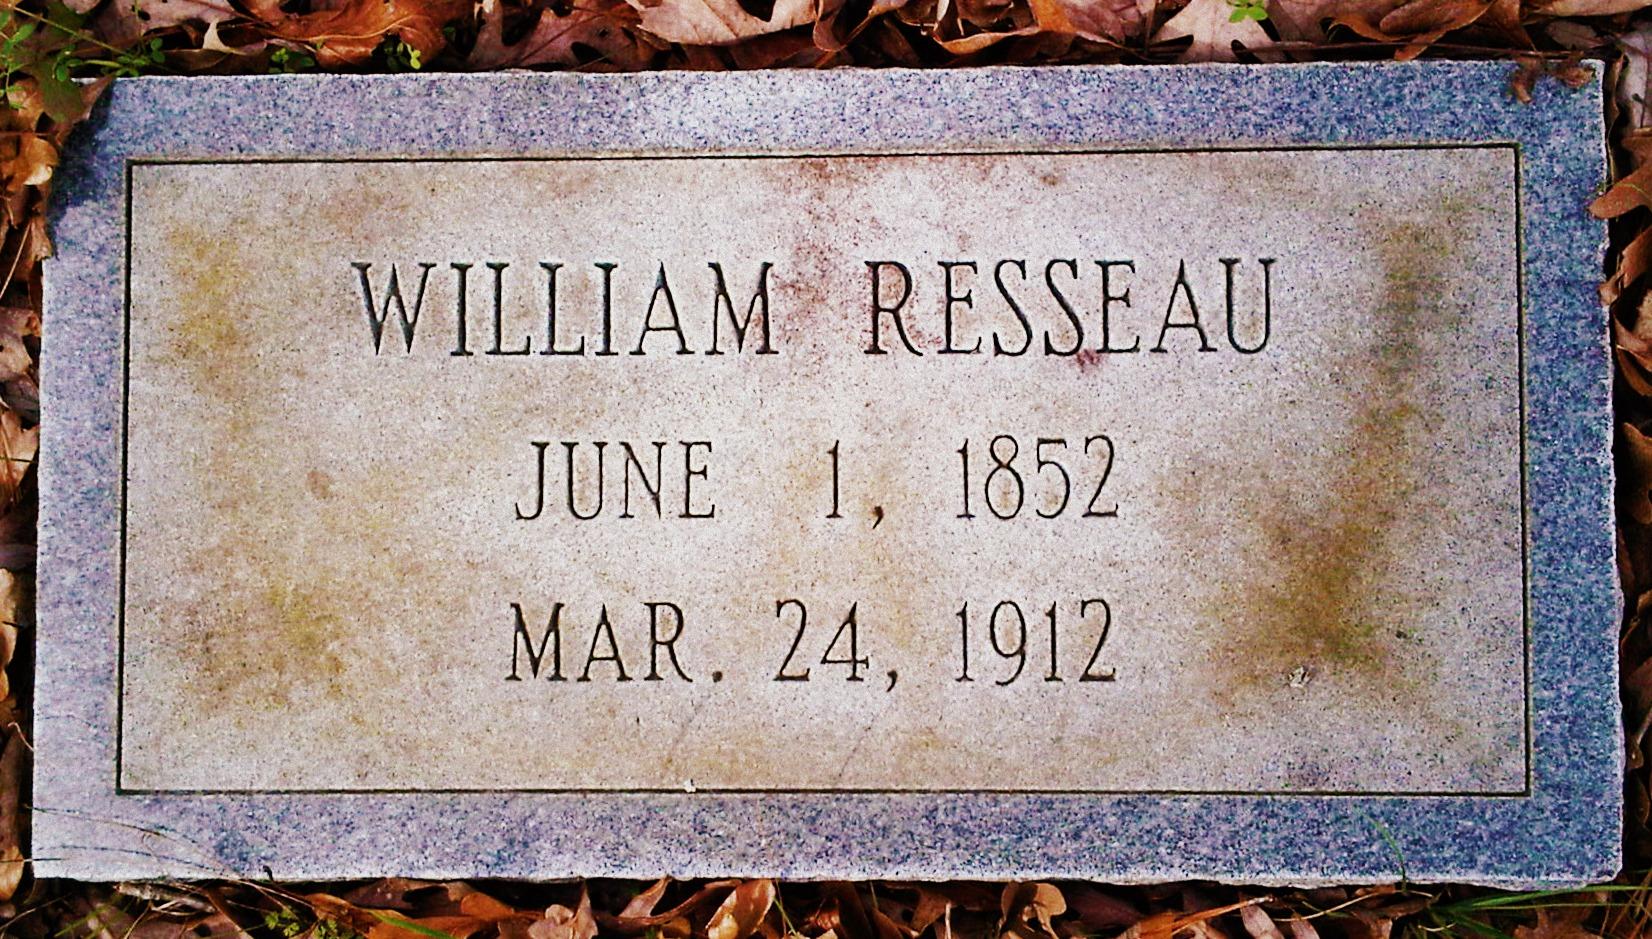 William Resseau